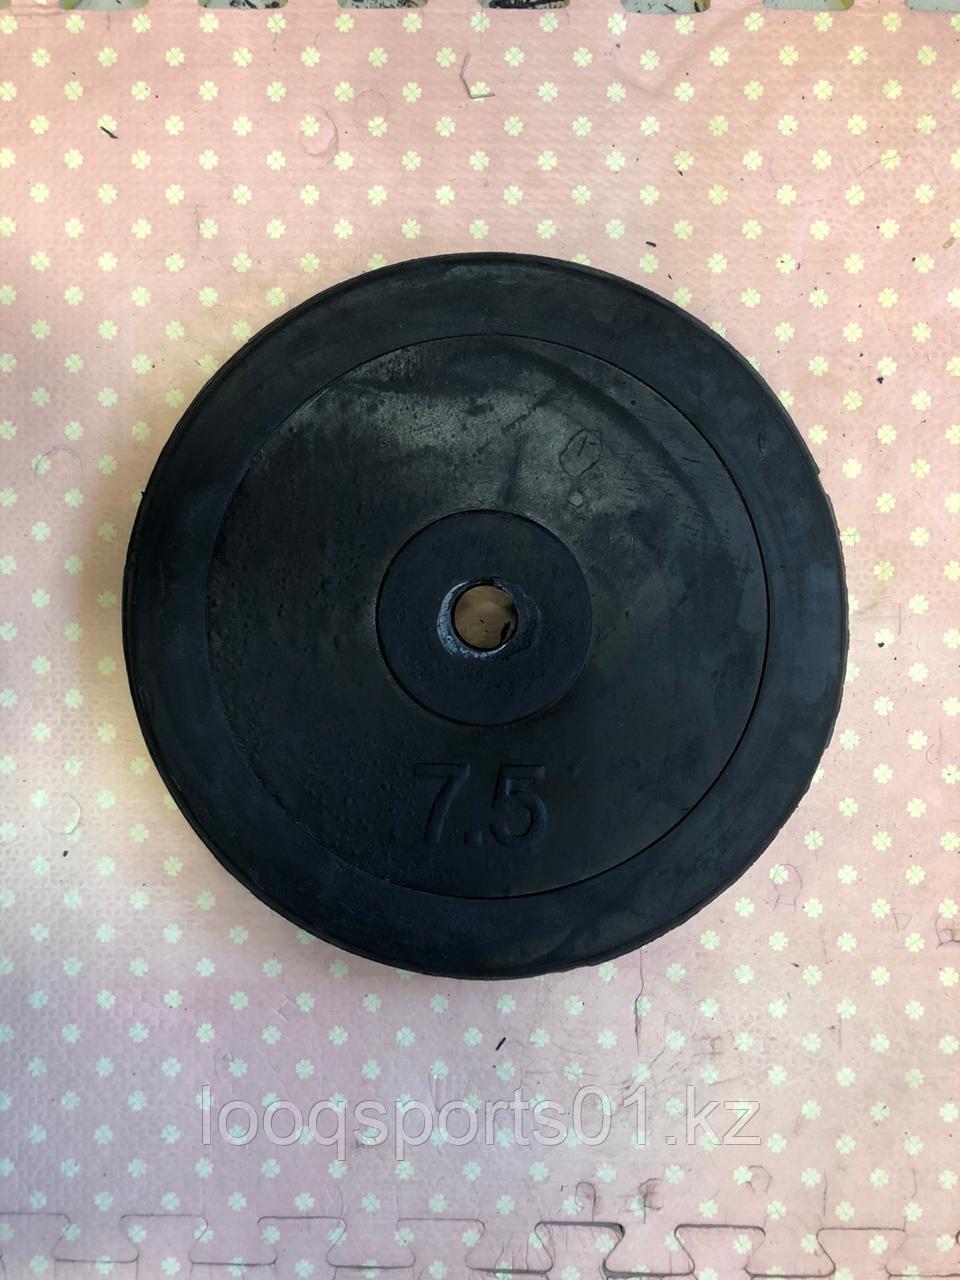 Резиновые блины для штанги грифа (диски) фитнес 7,5 кг (2 шт)